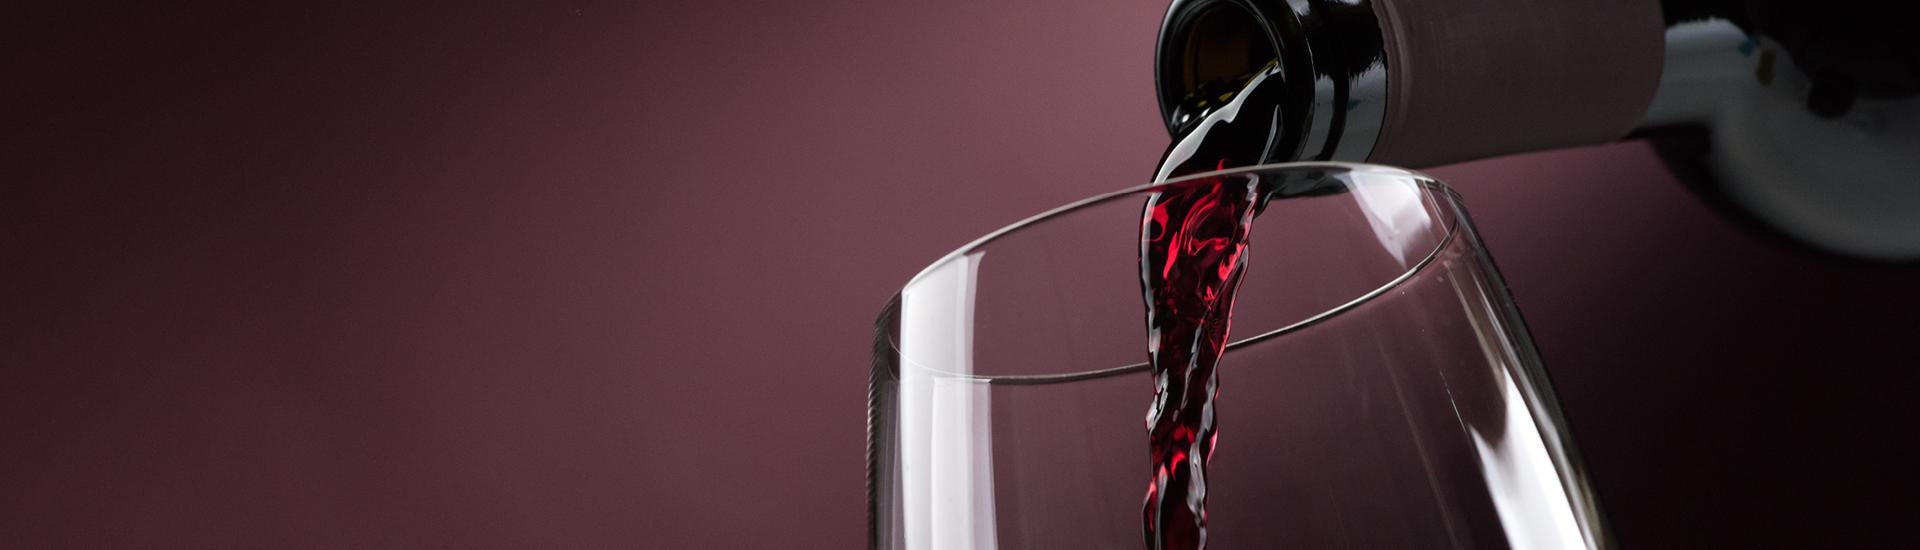 Das Pulltex Rotwein Aromen-Set GRATIS ab einem Bestellwert von € 399,- 12/2019 - Slider